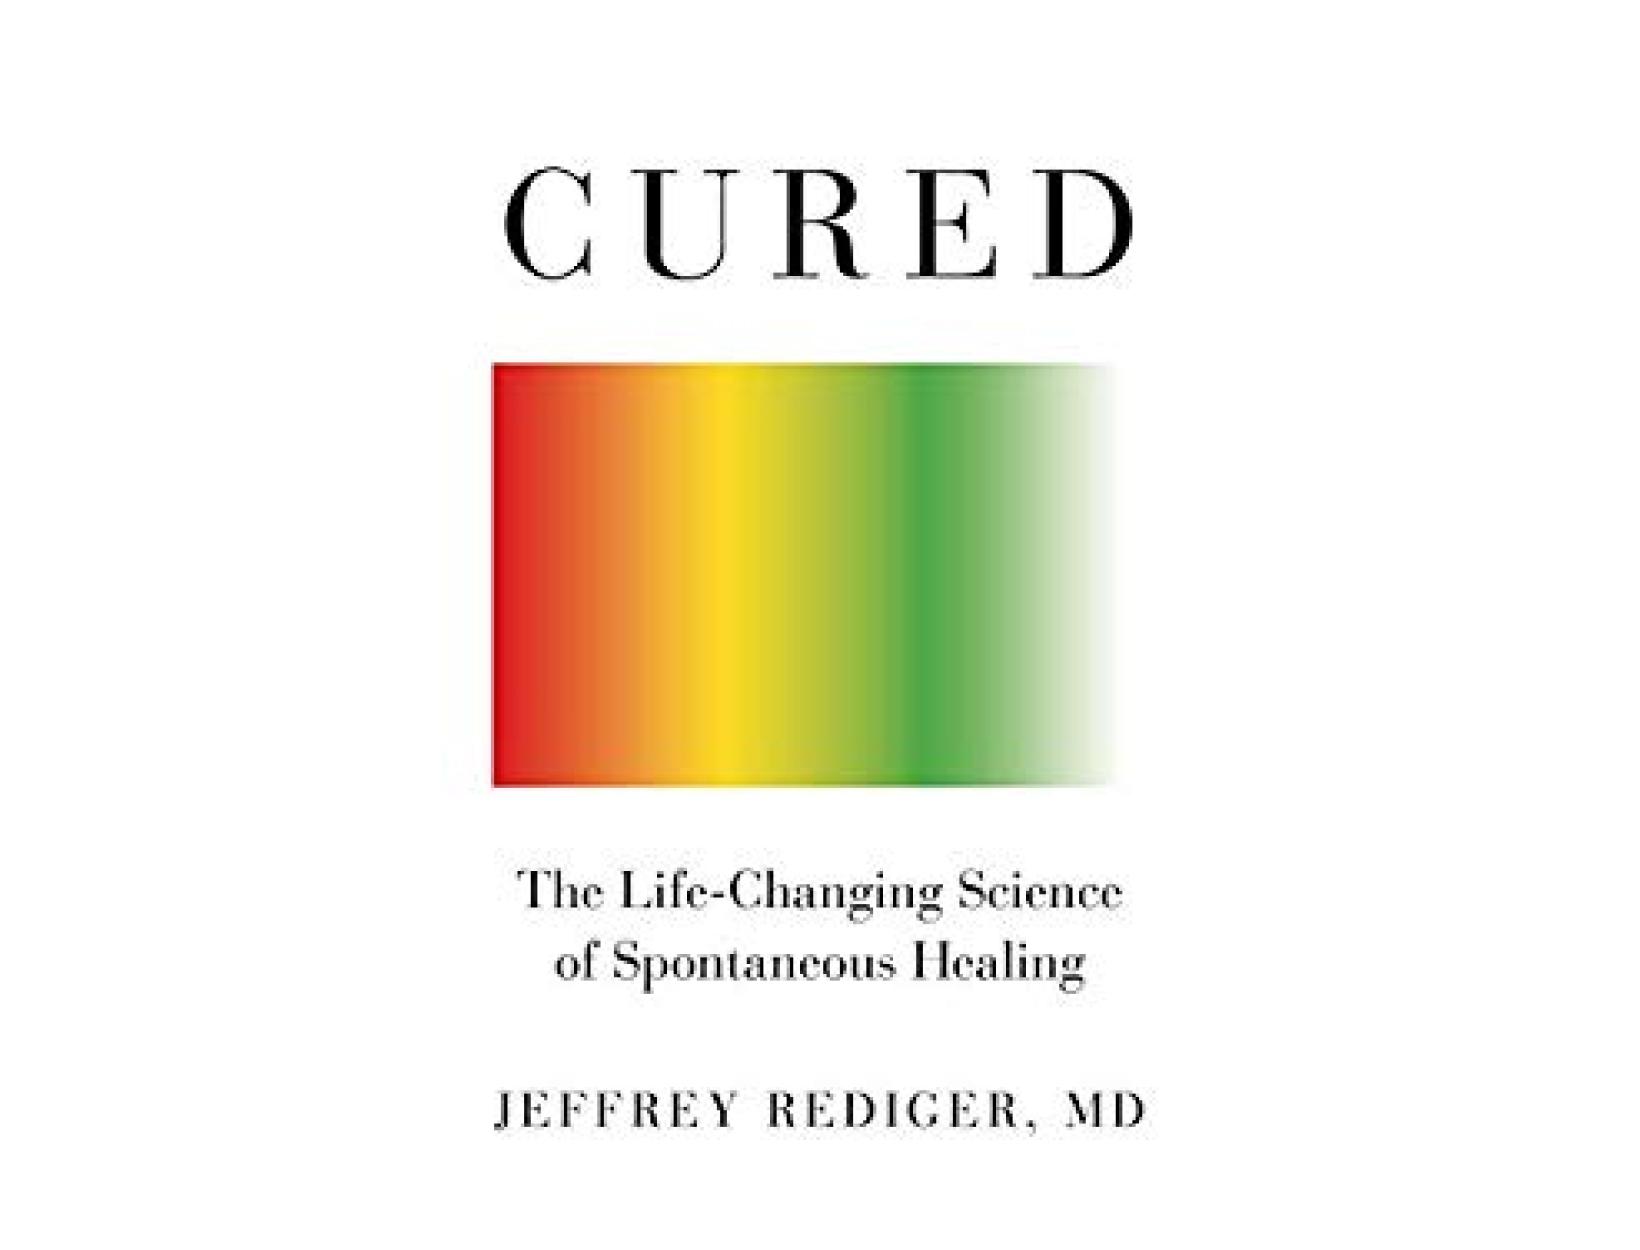 <em>Cured</em> by Jeffrey Rediger, MD